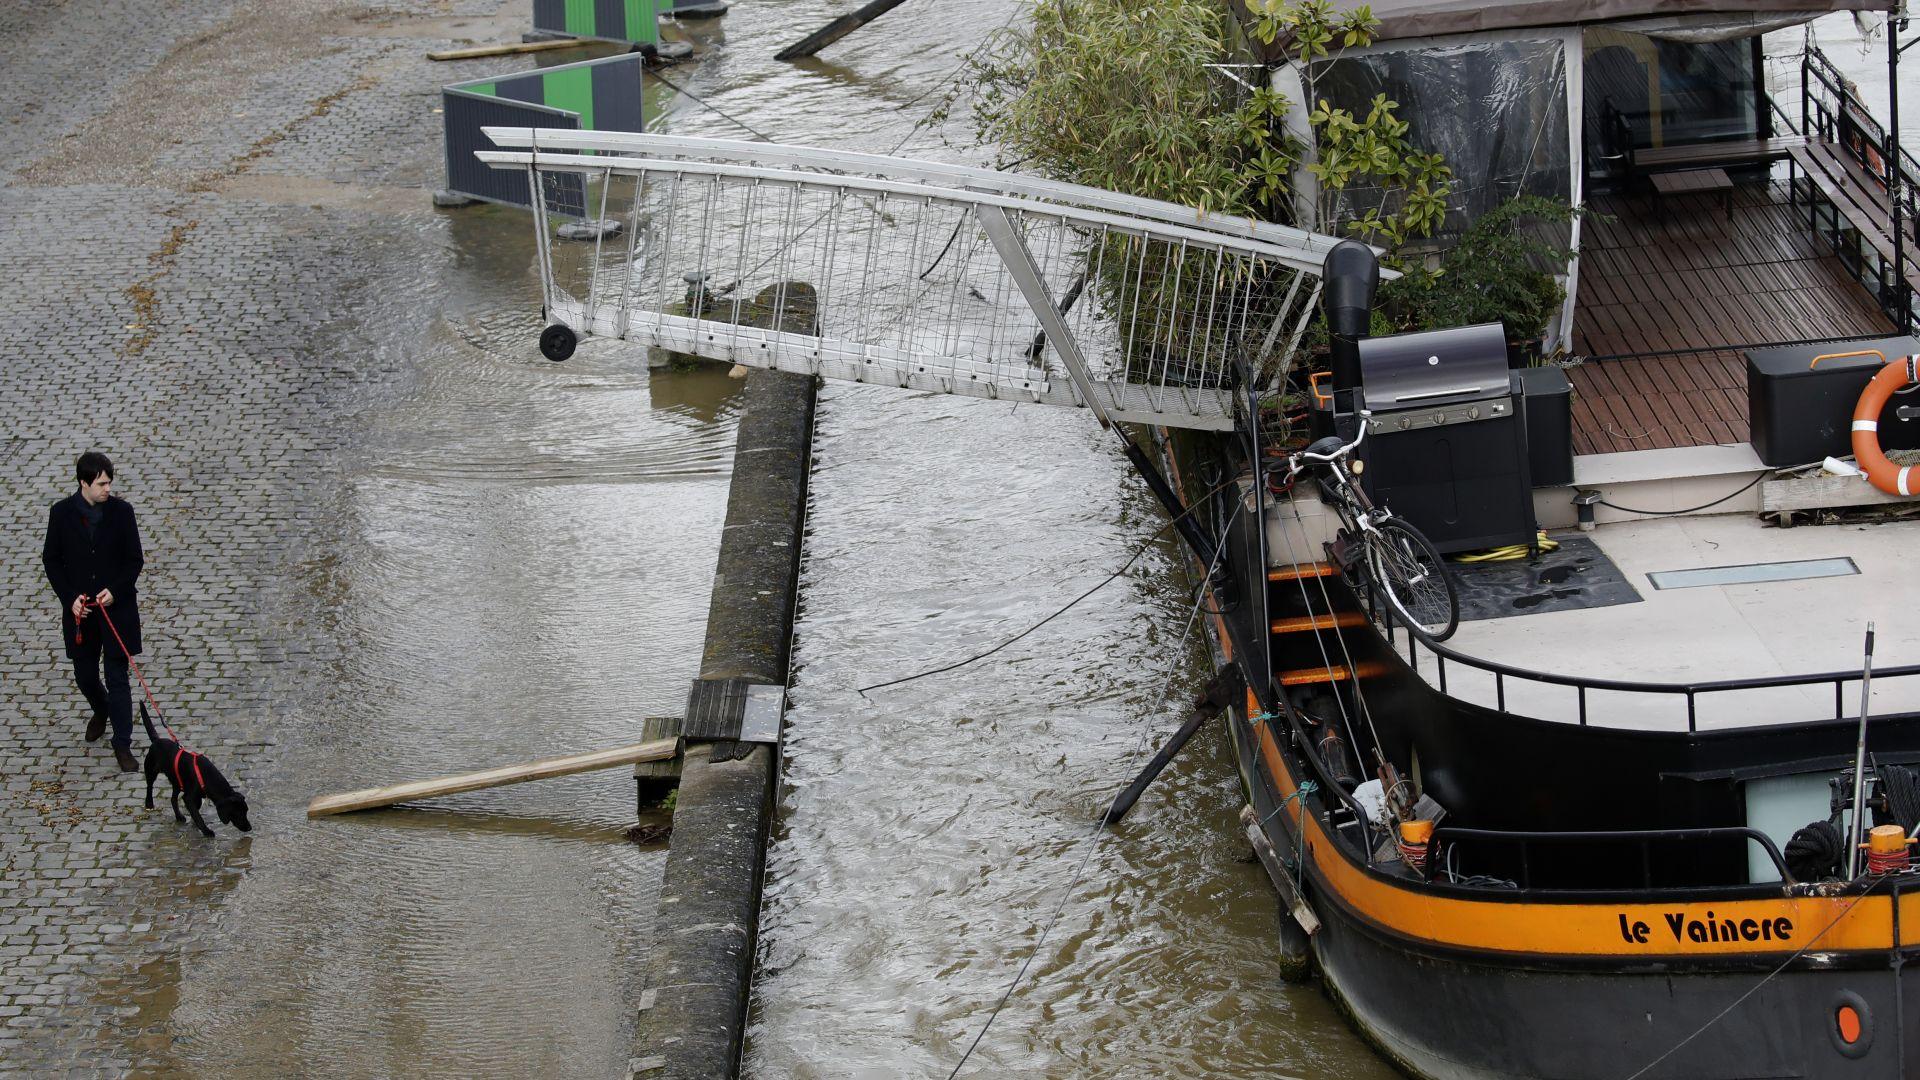 Сена преля, крайбрежните паркове на Париж са под вода (снимки)